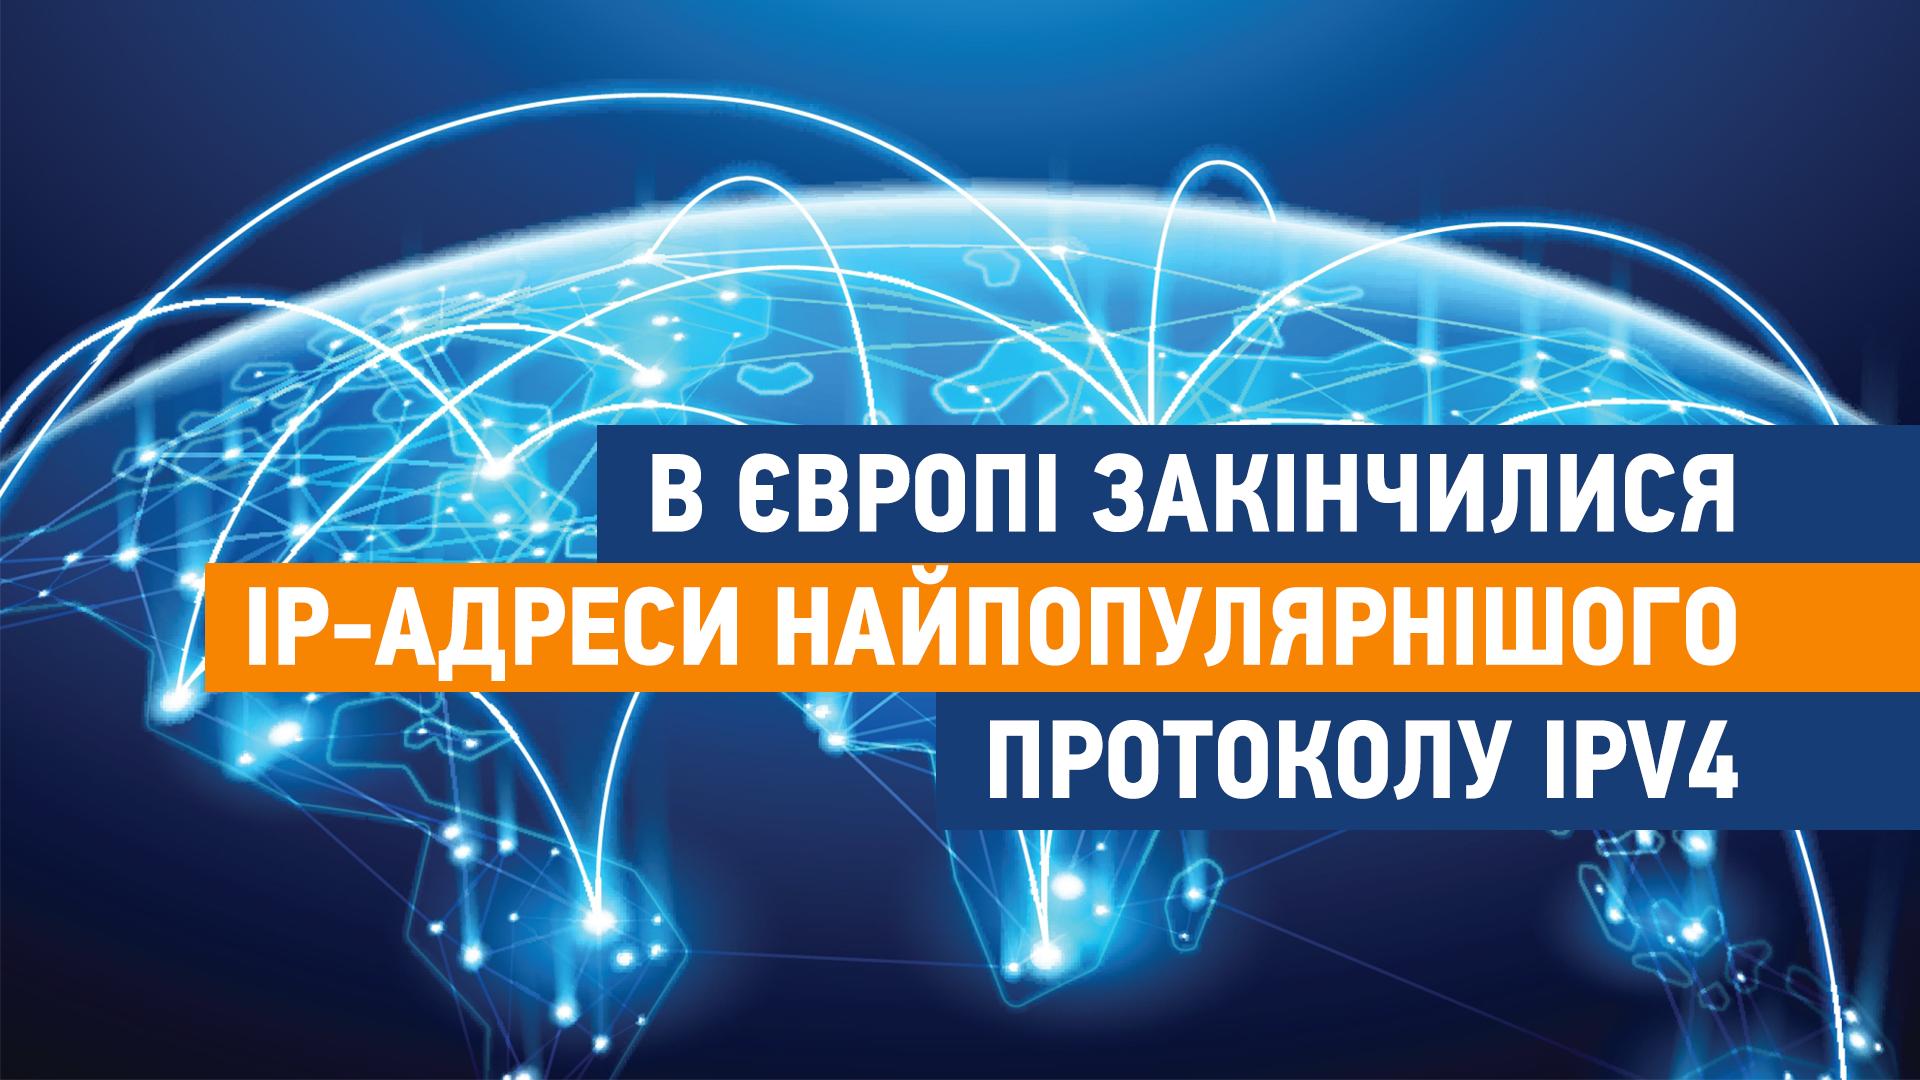 В Європі закінчилися IP-адреси найпопулярнішого протоколу IPv4